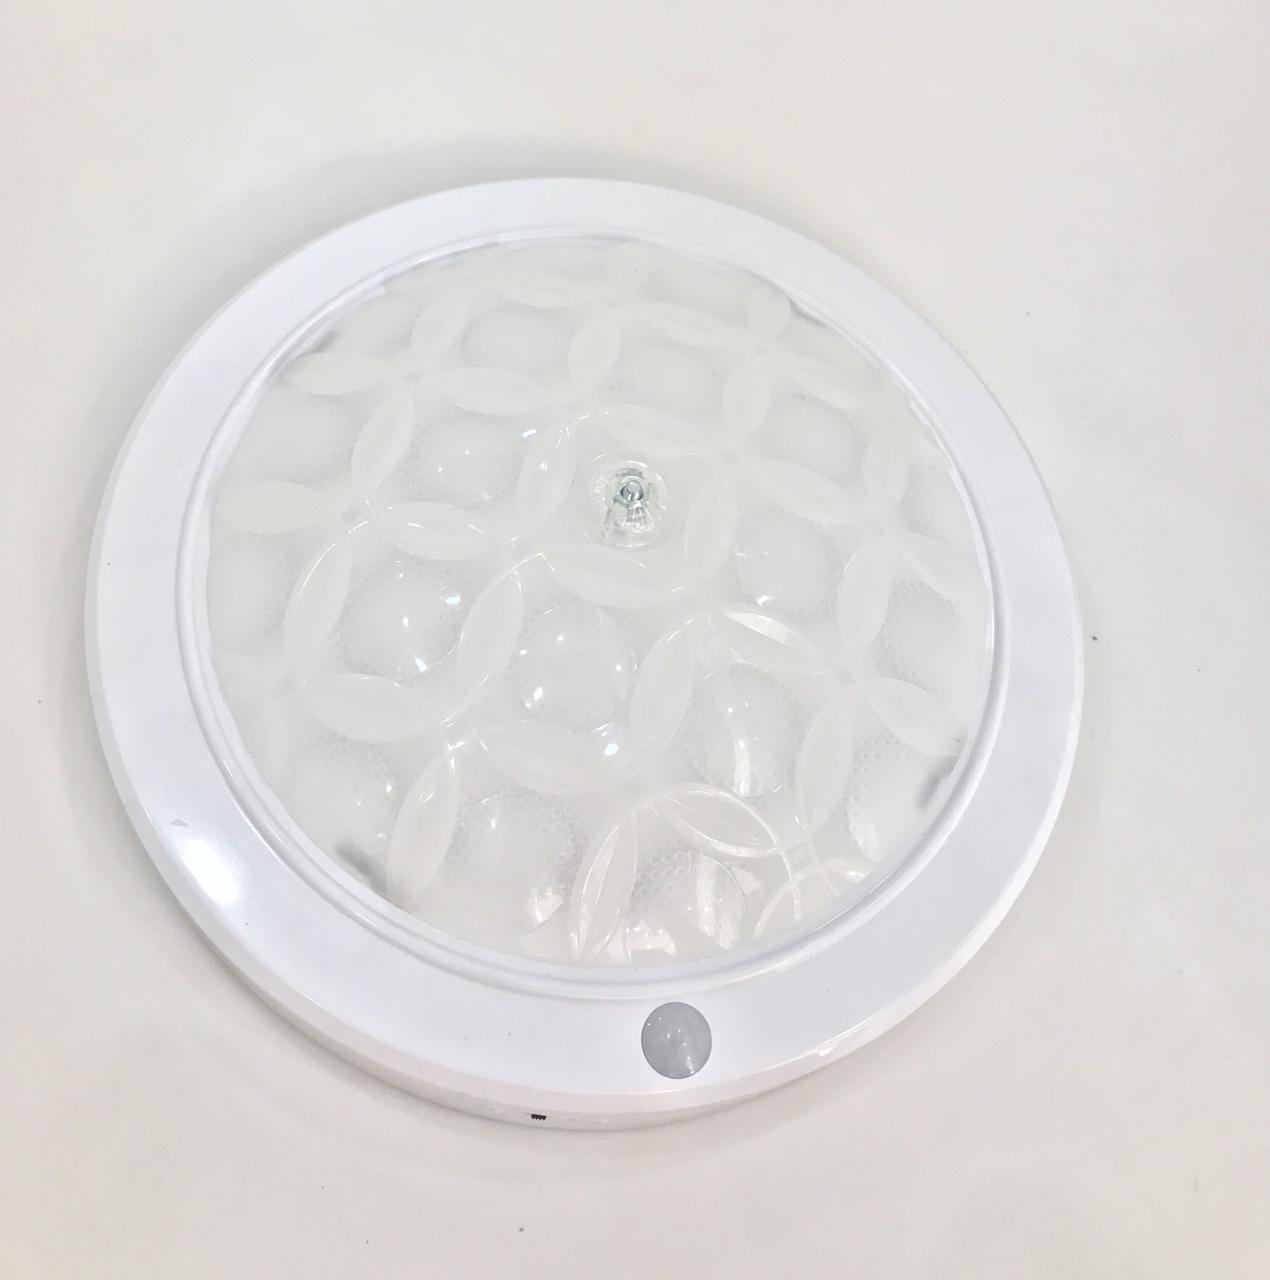 LED ỐP TRẦN CẢM BIẾN TRÒN CIRCULARING PATTERN 15W